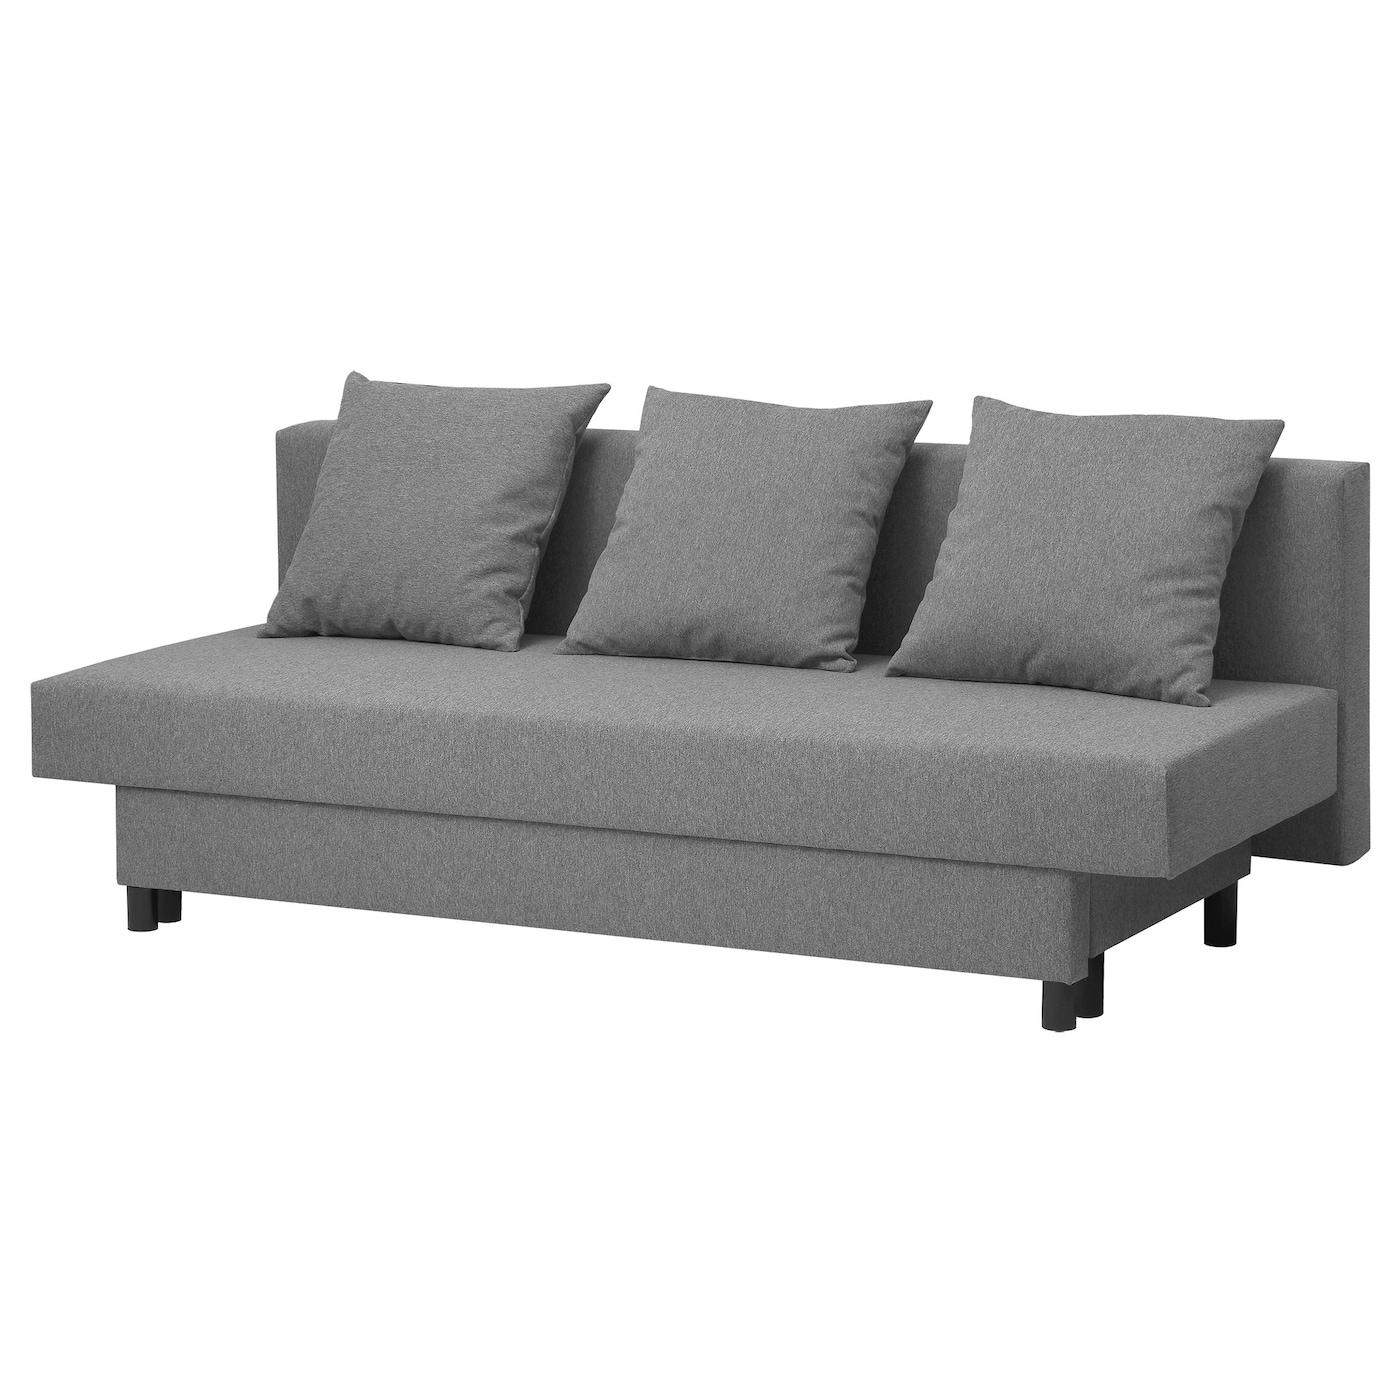 Asarum Three Seat Sofa Bed Grey Ikea